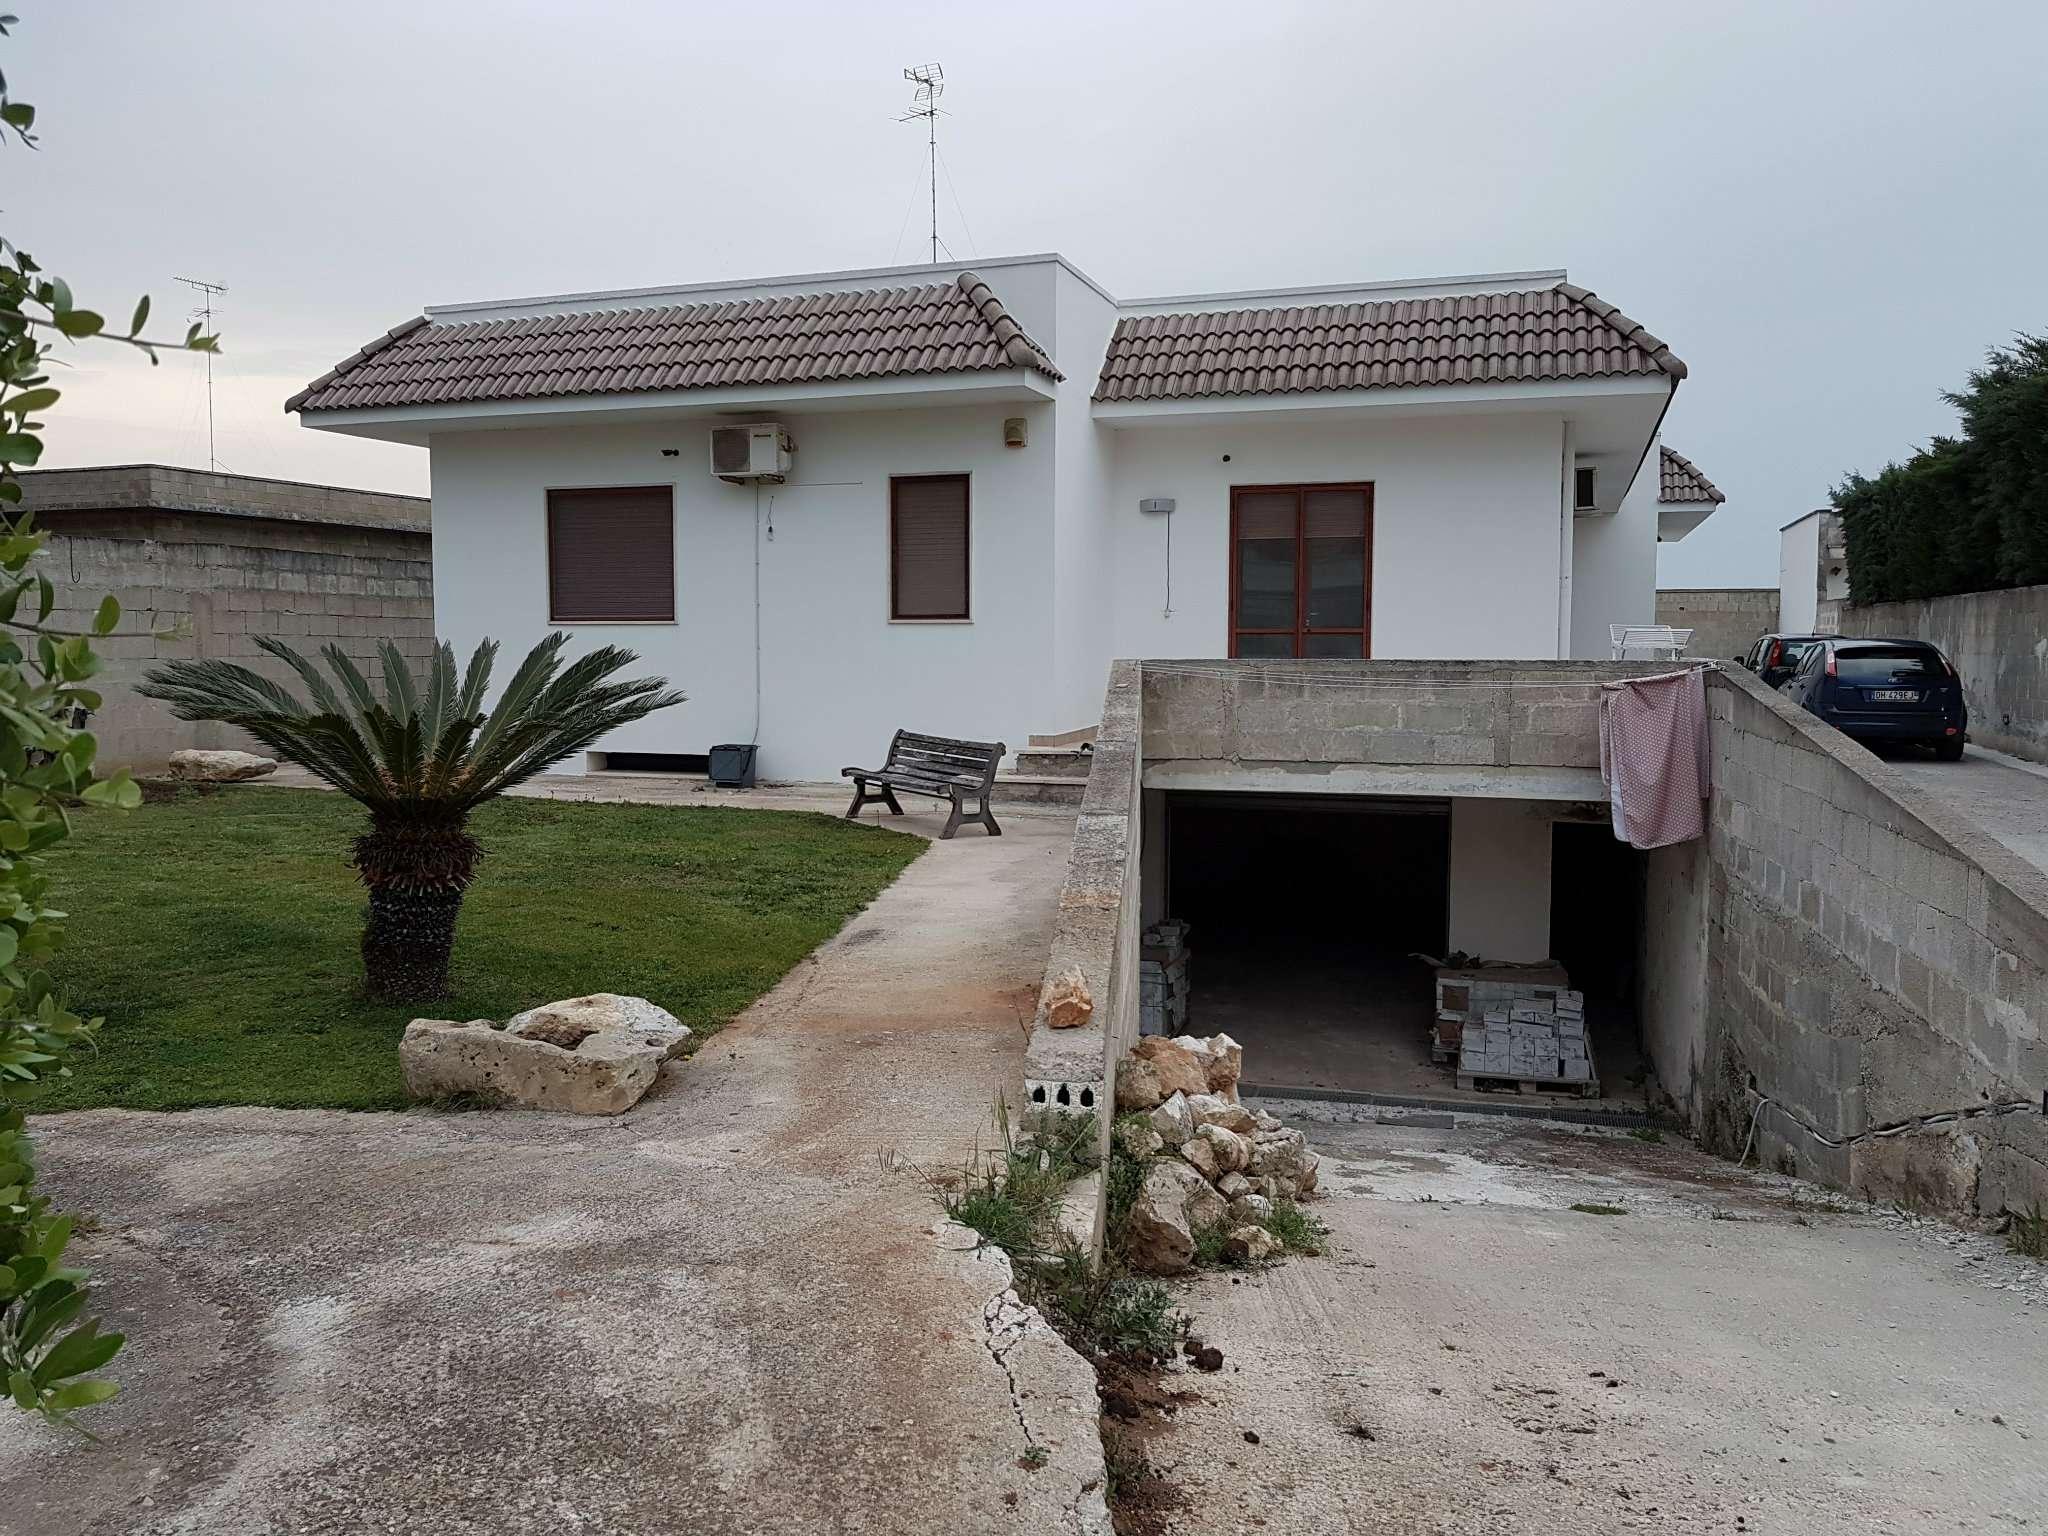 Villa in vendita a Lecce, 5 locali, prezzo € 375.000 | CambioCasa.it